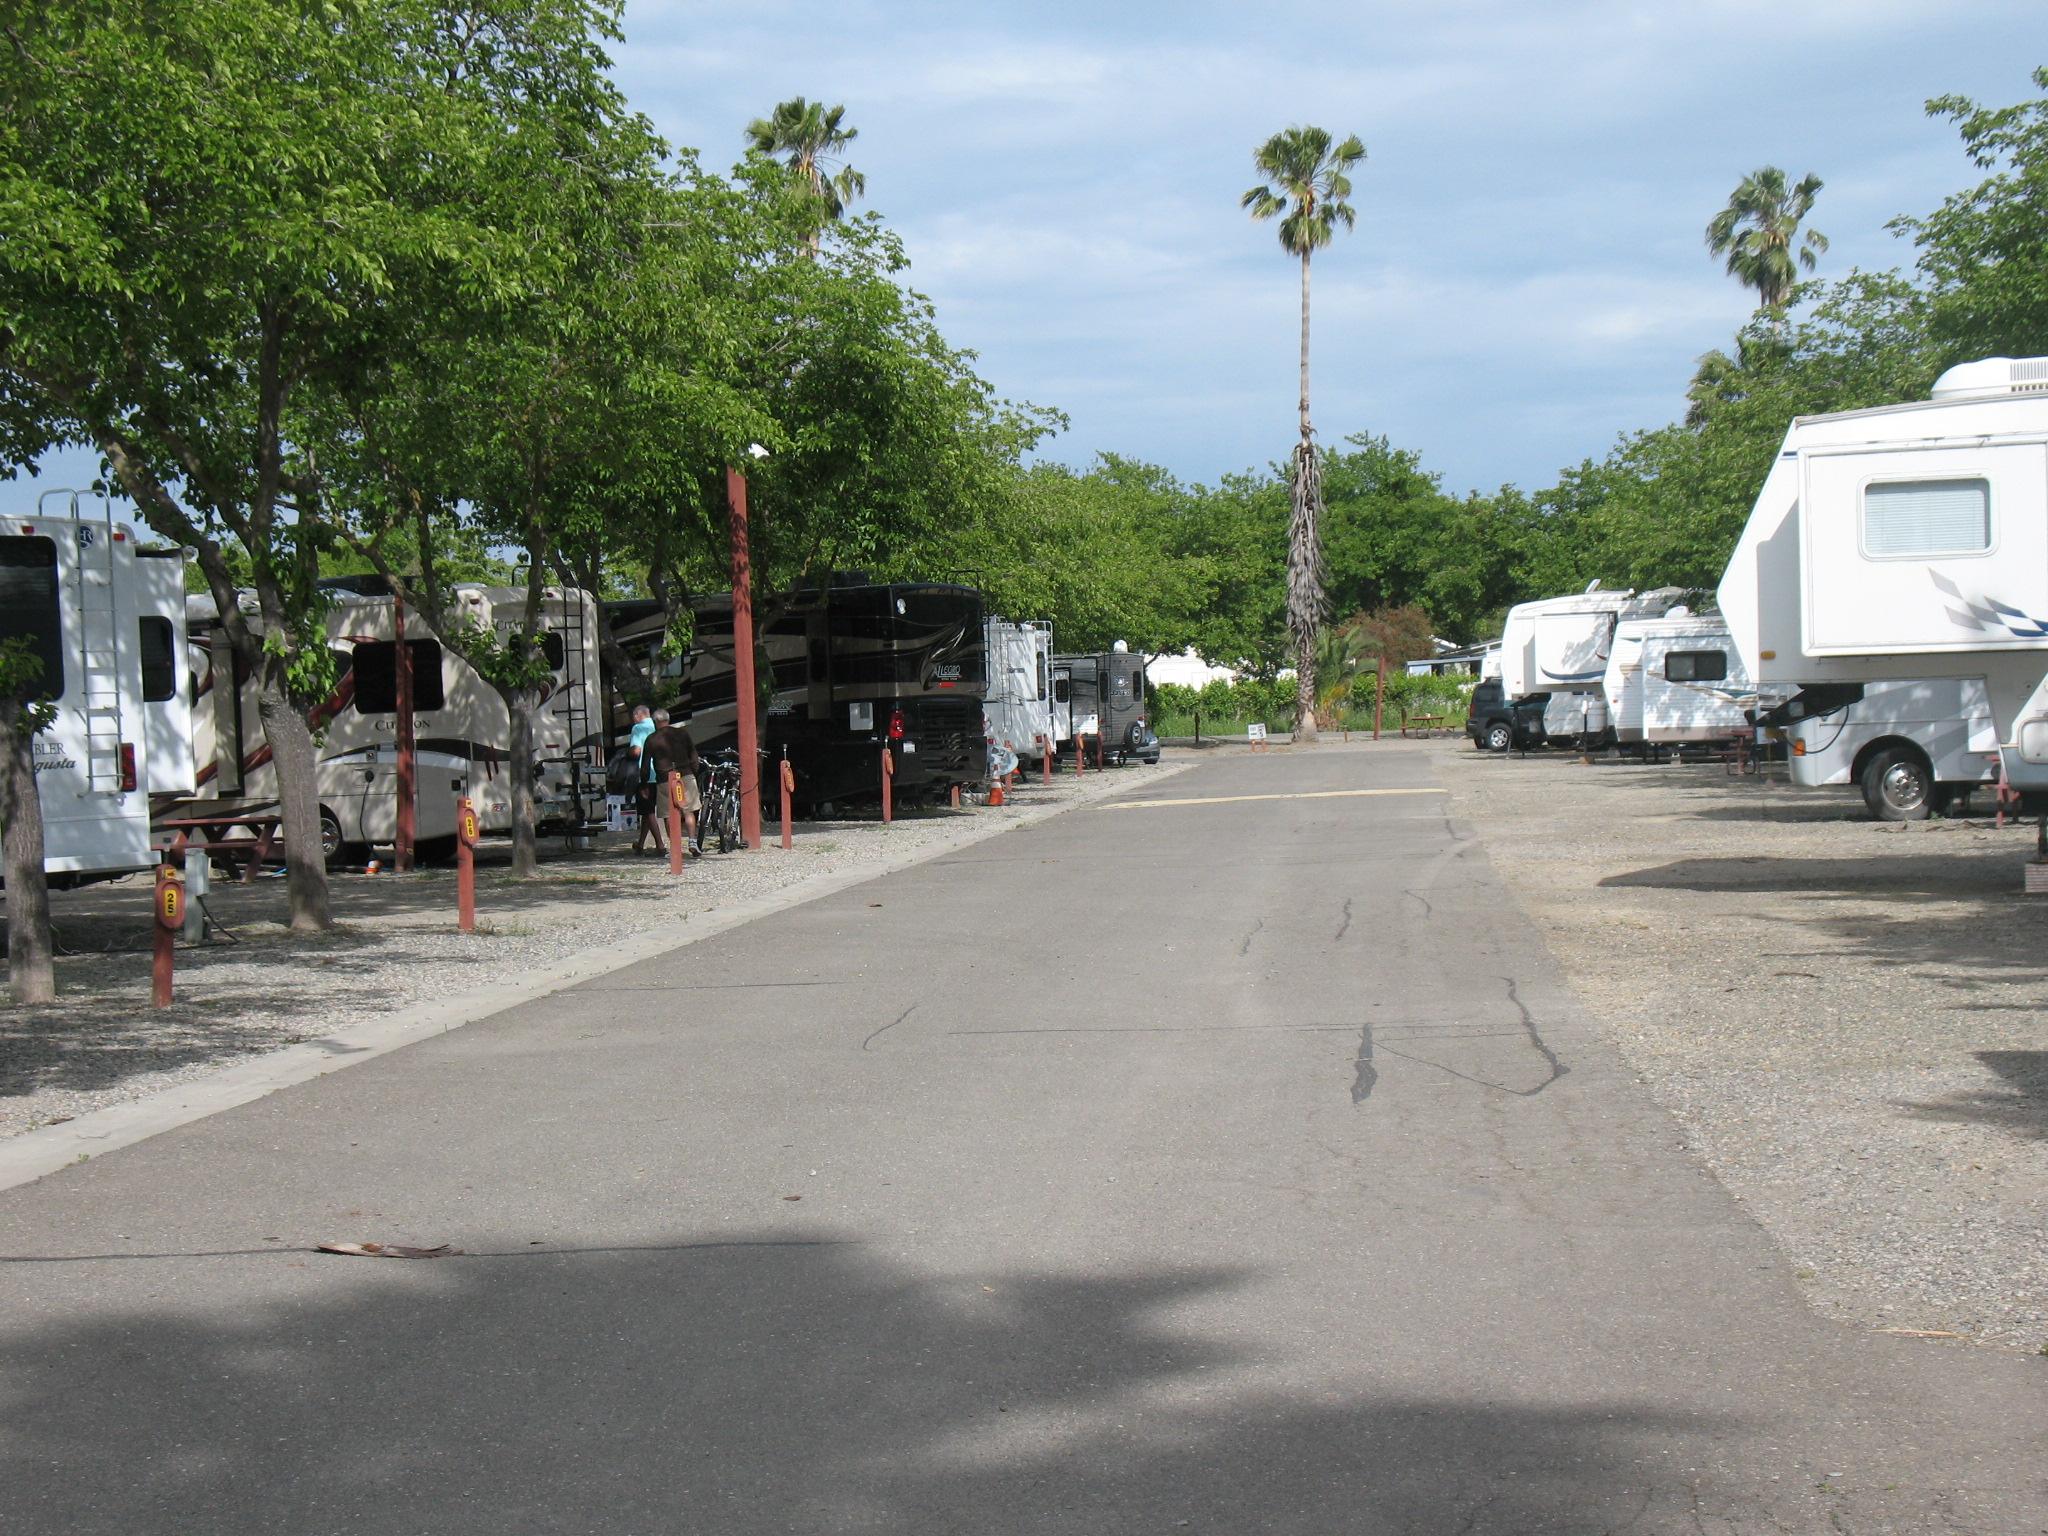 West Sacramento Rv Parks Reviews And Photos Rvparking Com